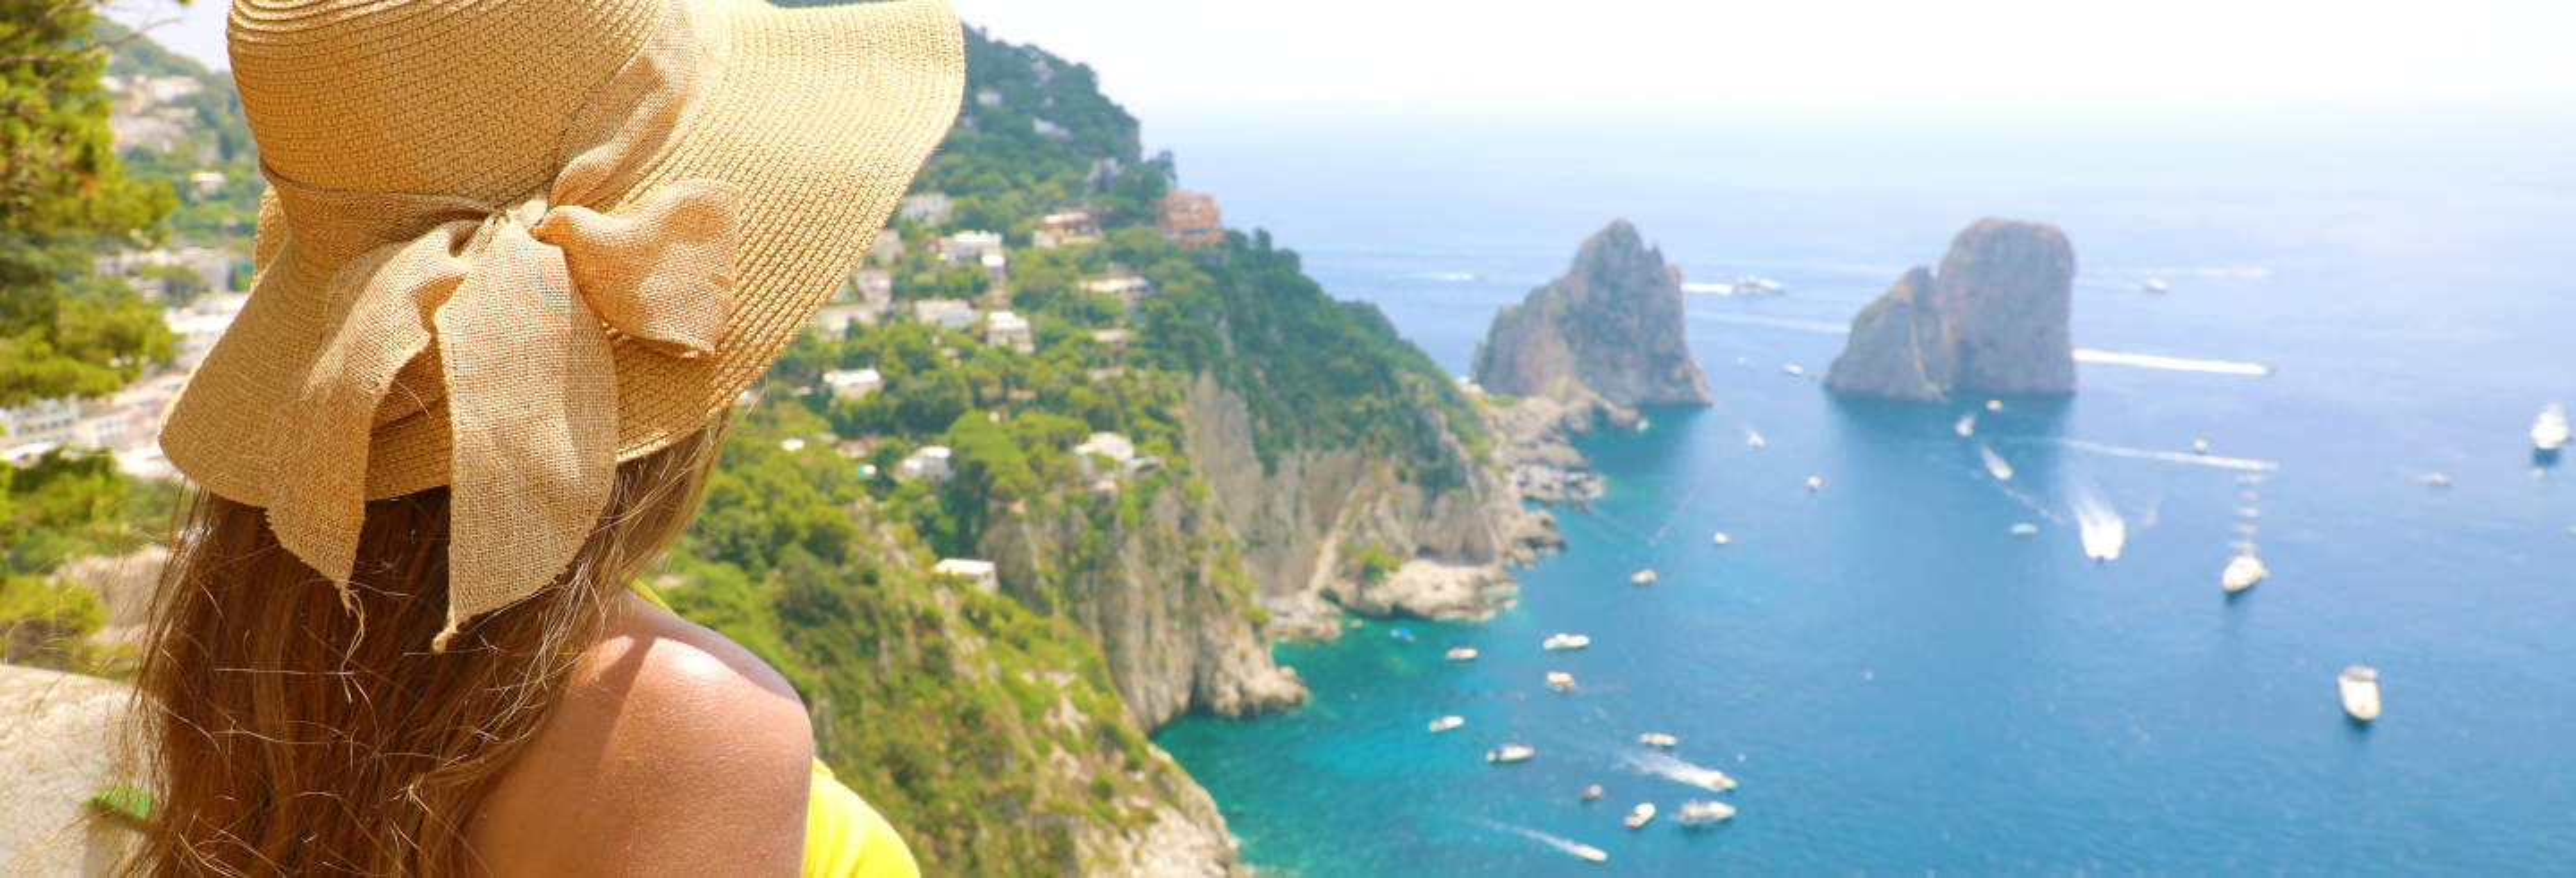 Escursione a Capri e Pompei